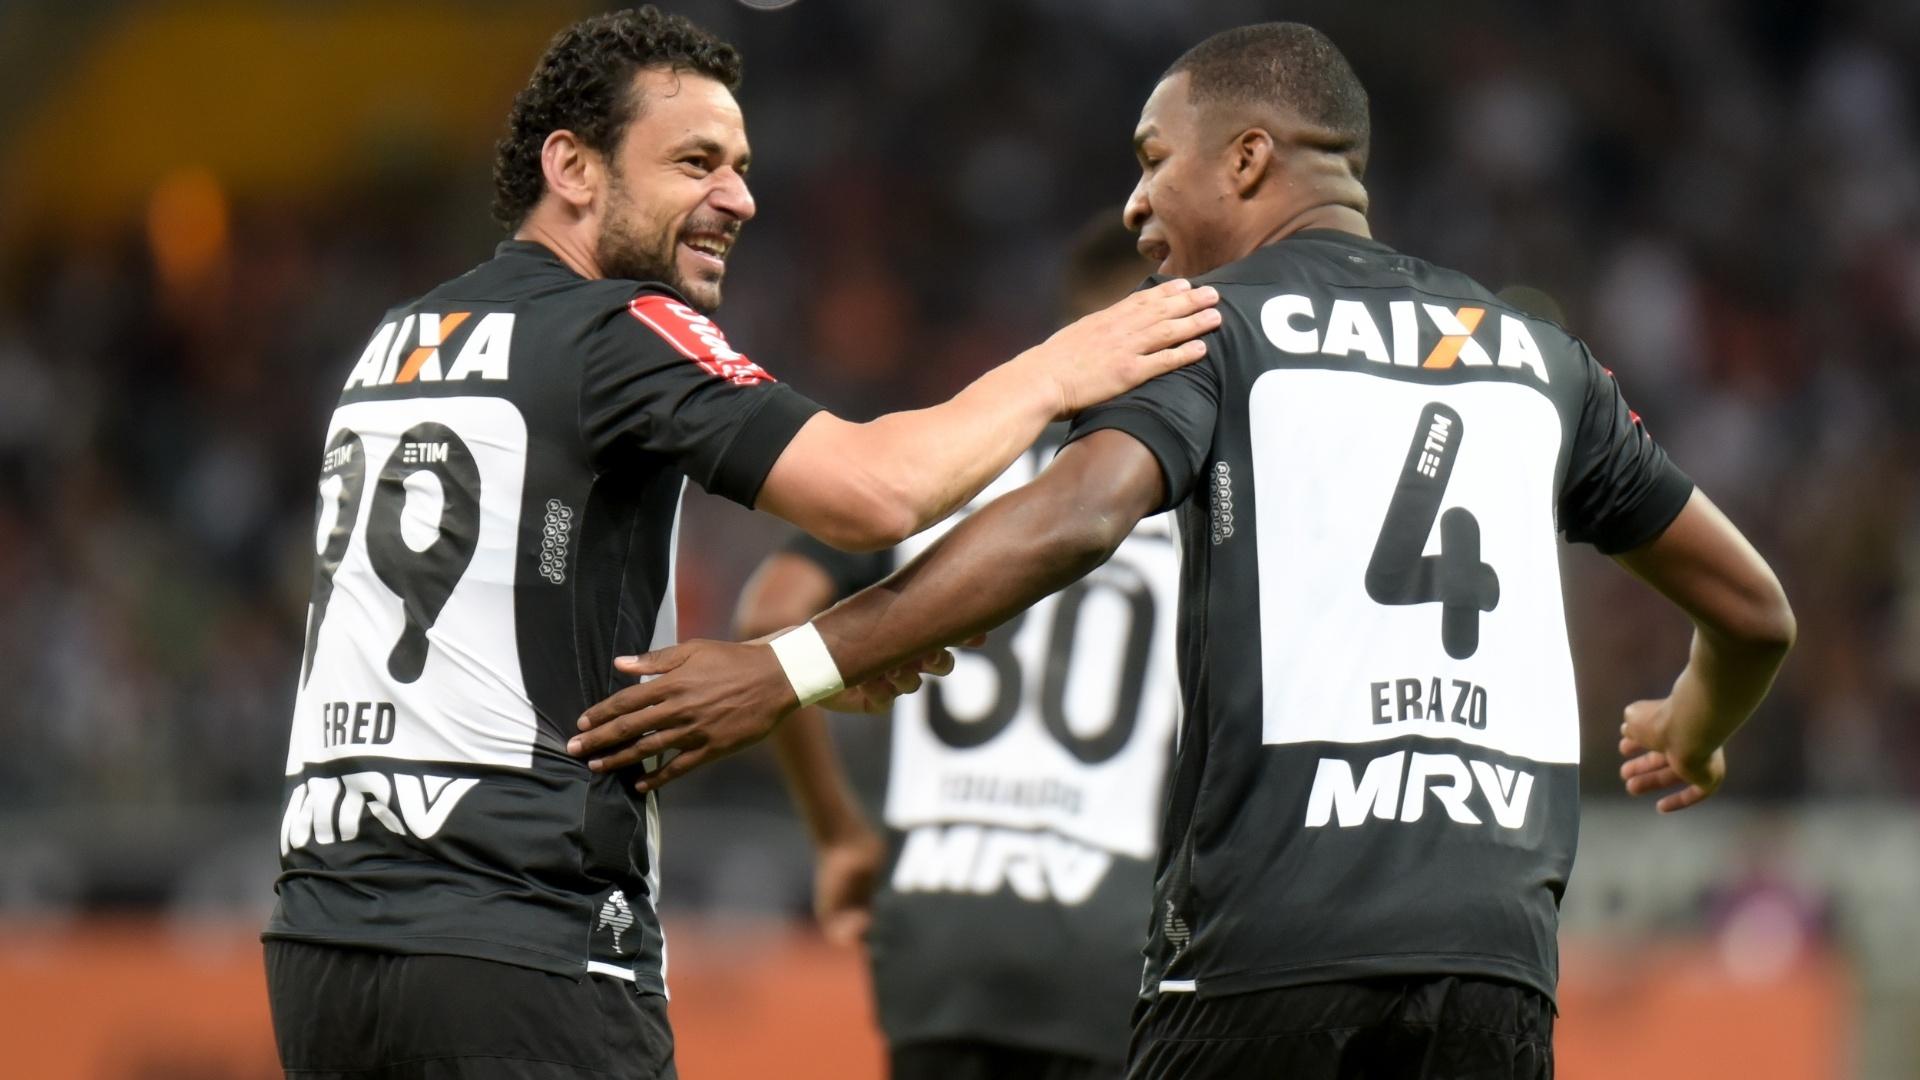 Fred e Erazo comemoram gol do Atlético-MG contra o Botafogo